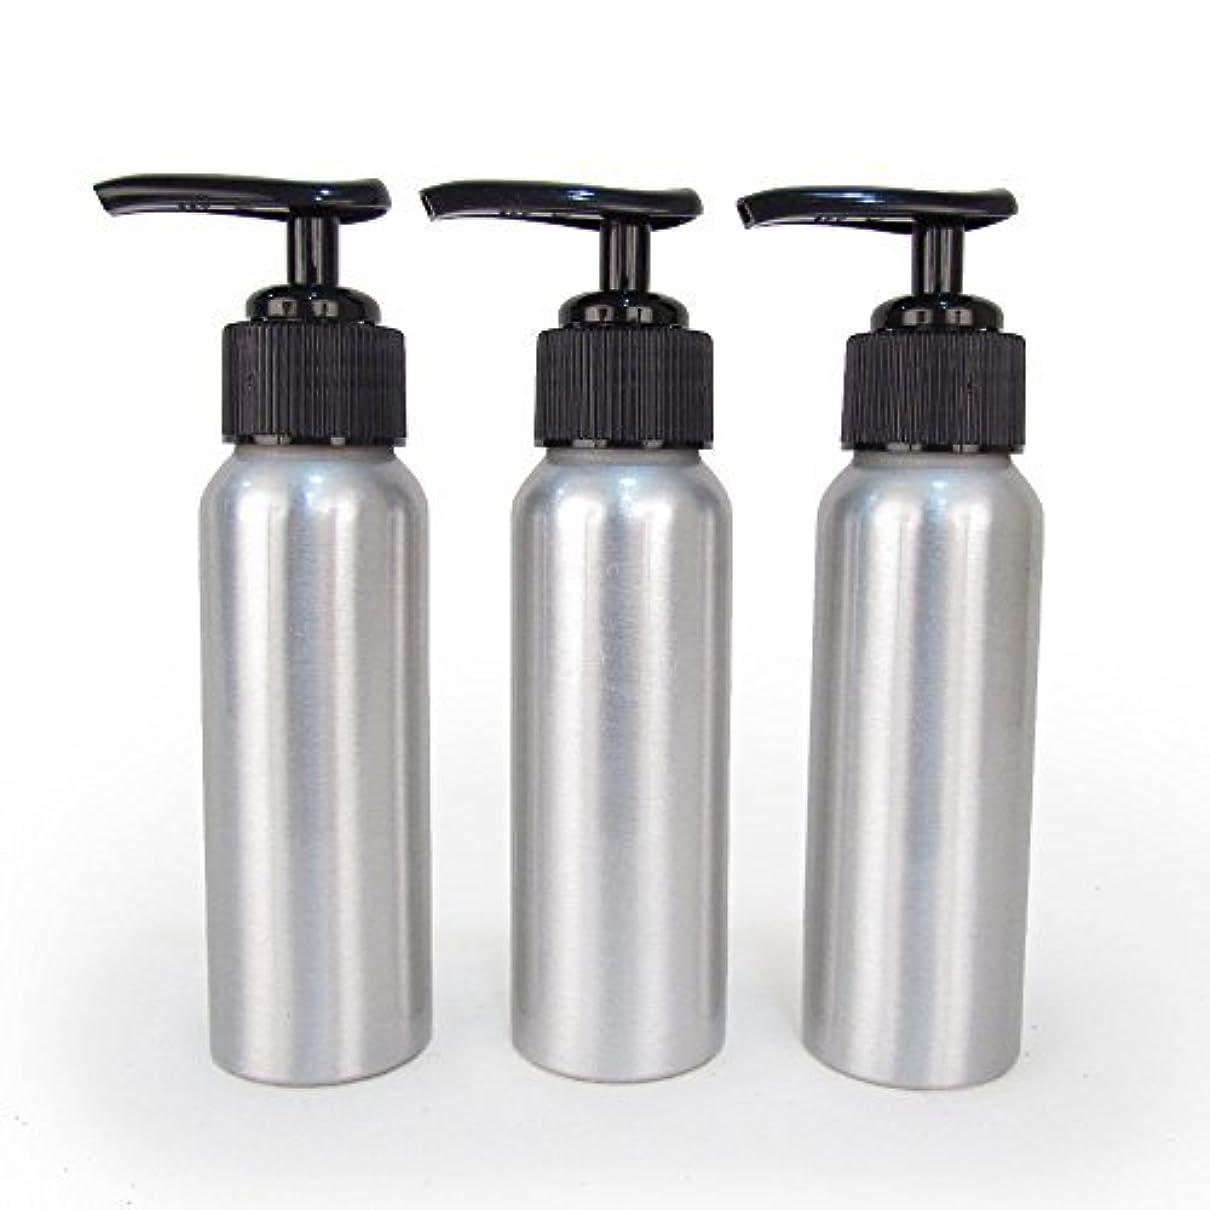 気取らないコンプライアンスはさみSet of 3 - Slender Brushed Aluminum 2.7 oz Pump Bottle for Essential Oil Products by Rivertree Life [並行輸入品]